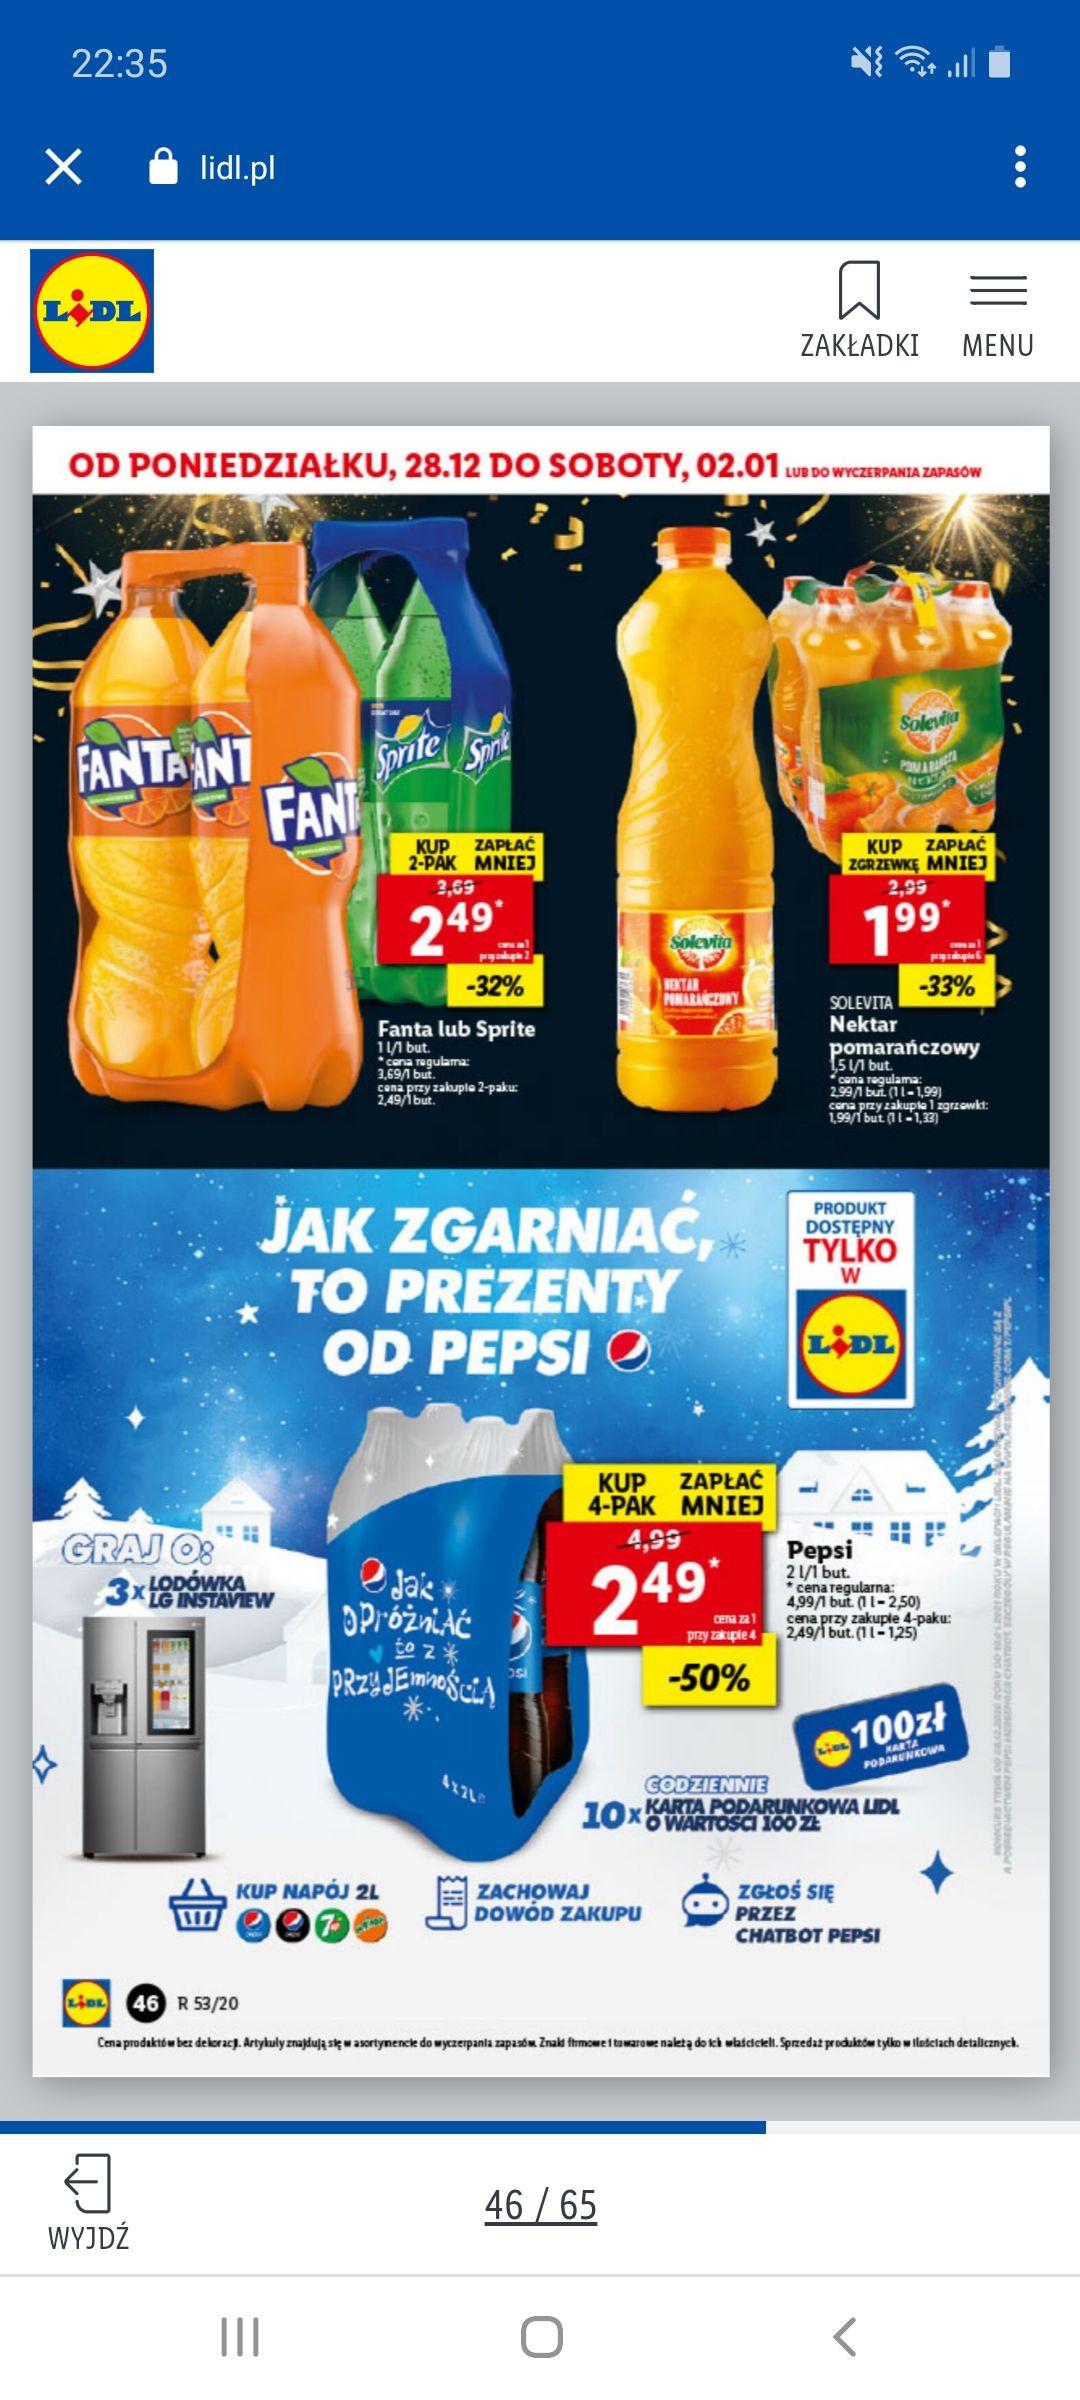 Pepsi 2L przy zakupie 4 sztuk, 1l=1,25zł Lidl